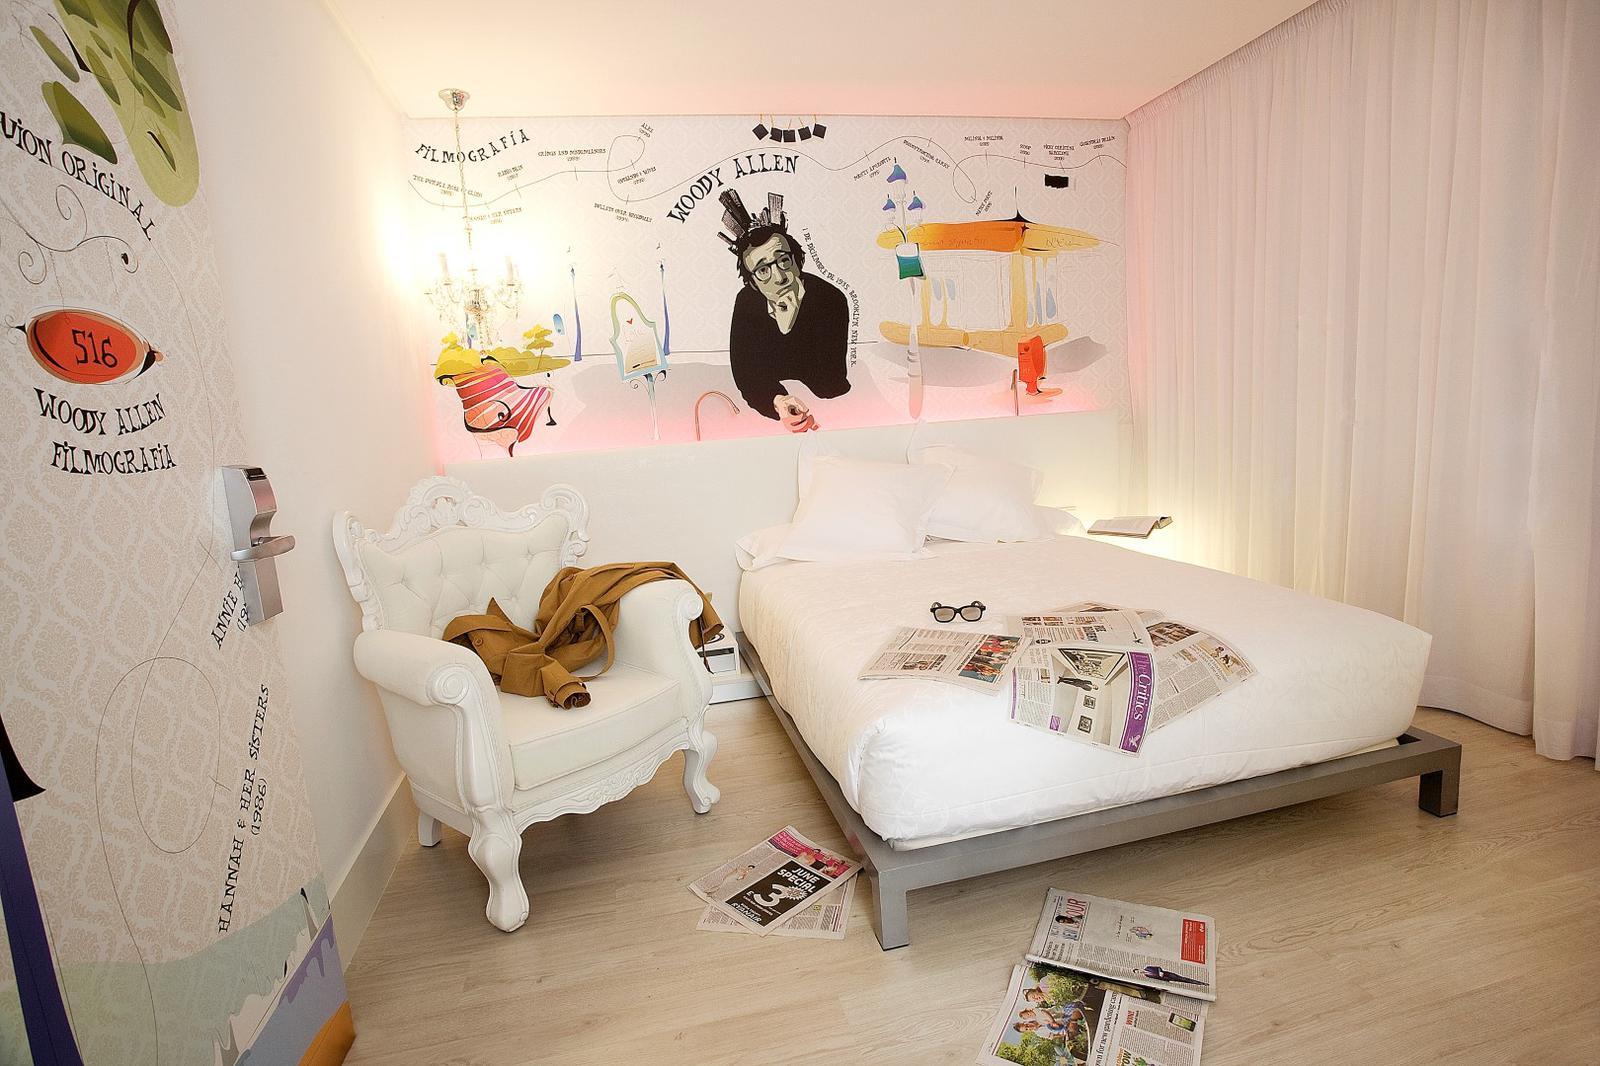 Dormir en una habitación de hotel decorada con motivos cinematográficos es un plan alternativo para este verano